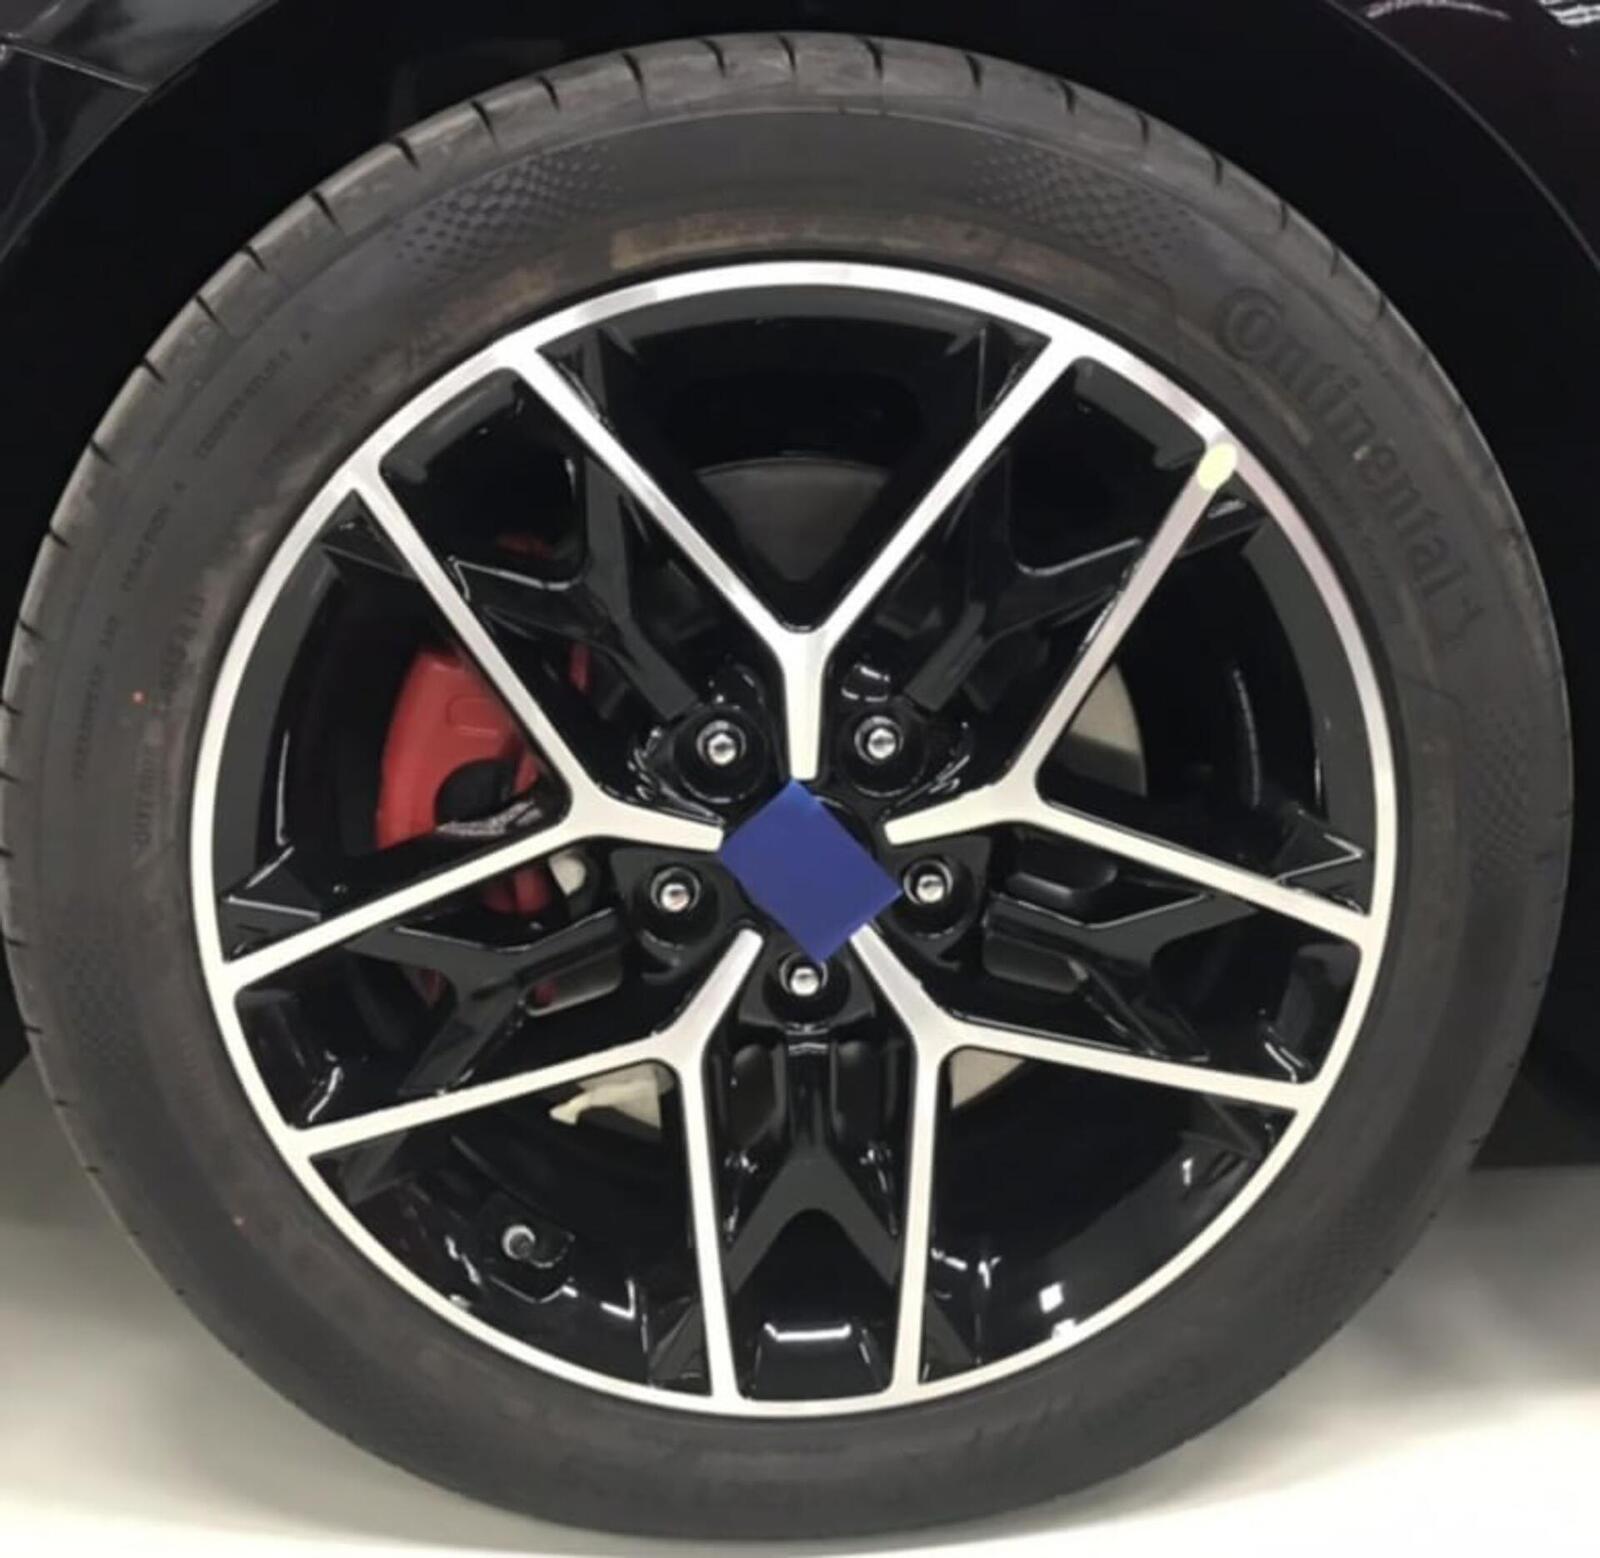 Kia Optima phiên bản nâng cấp facelift mới nhất đã có mặt tại Việt Nam - Hình 4